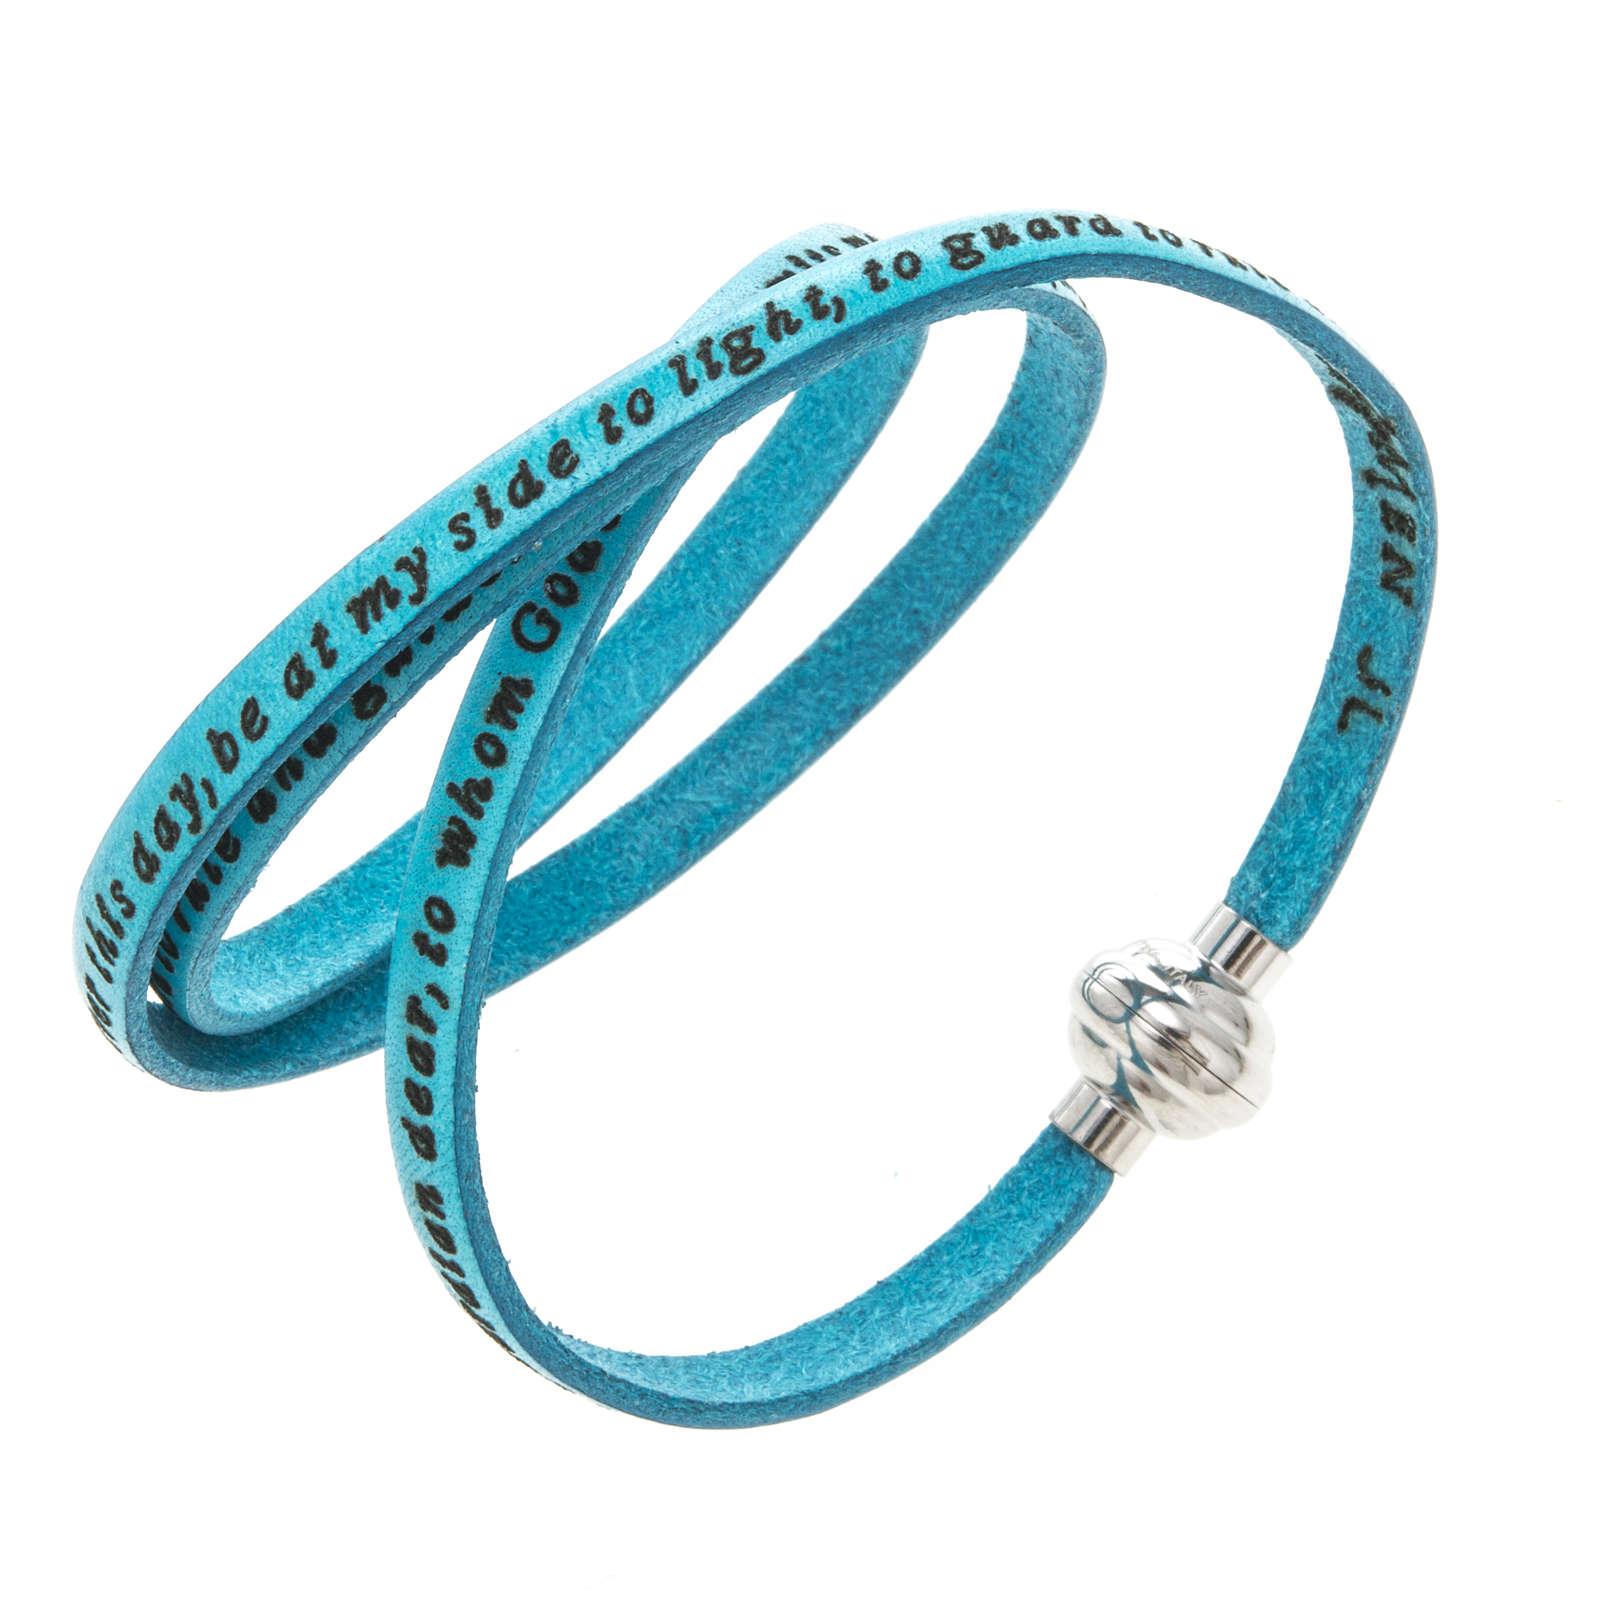 Bracelet Amen Ange de Dieu turquoise ANG 4